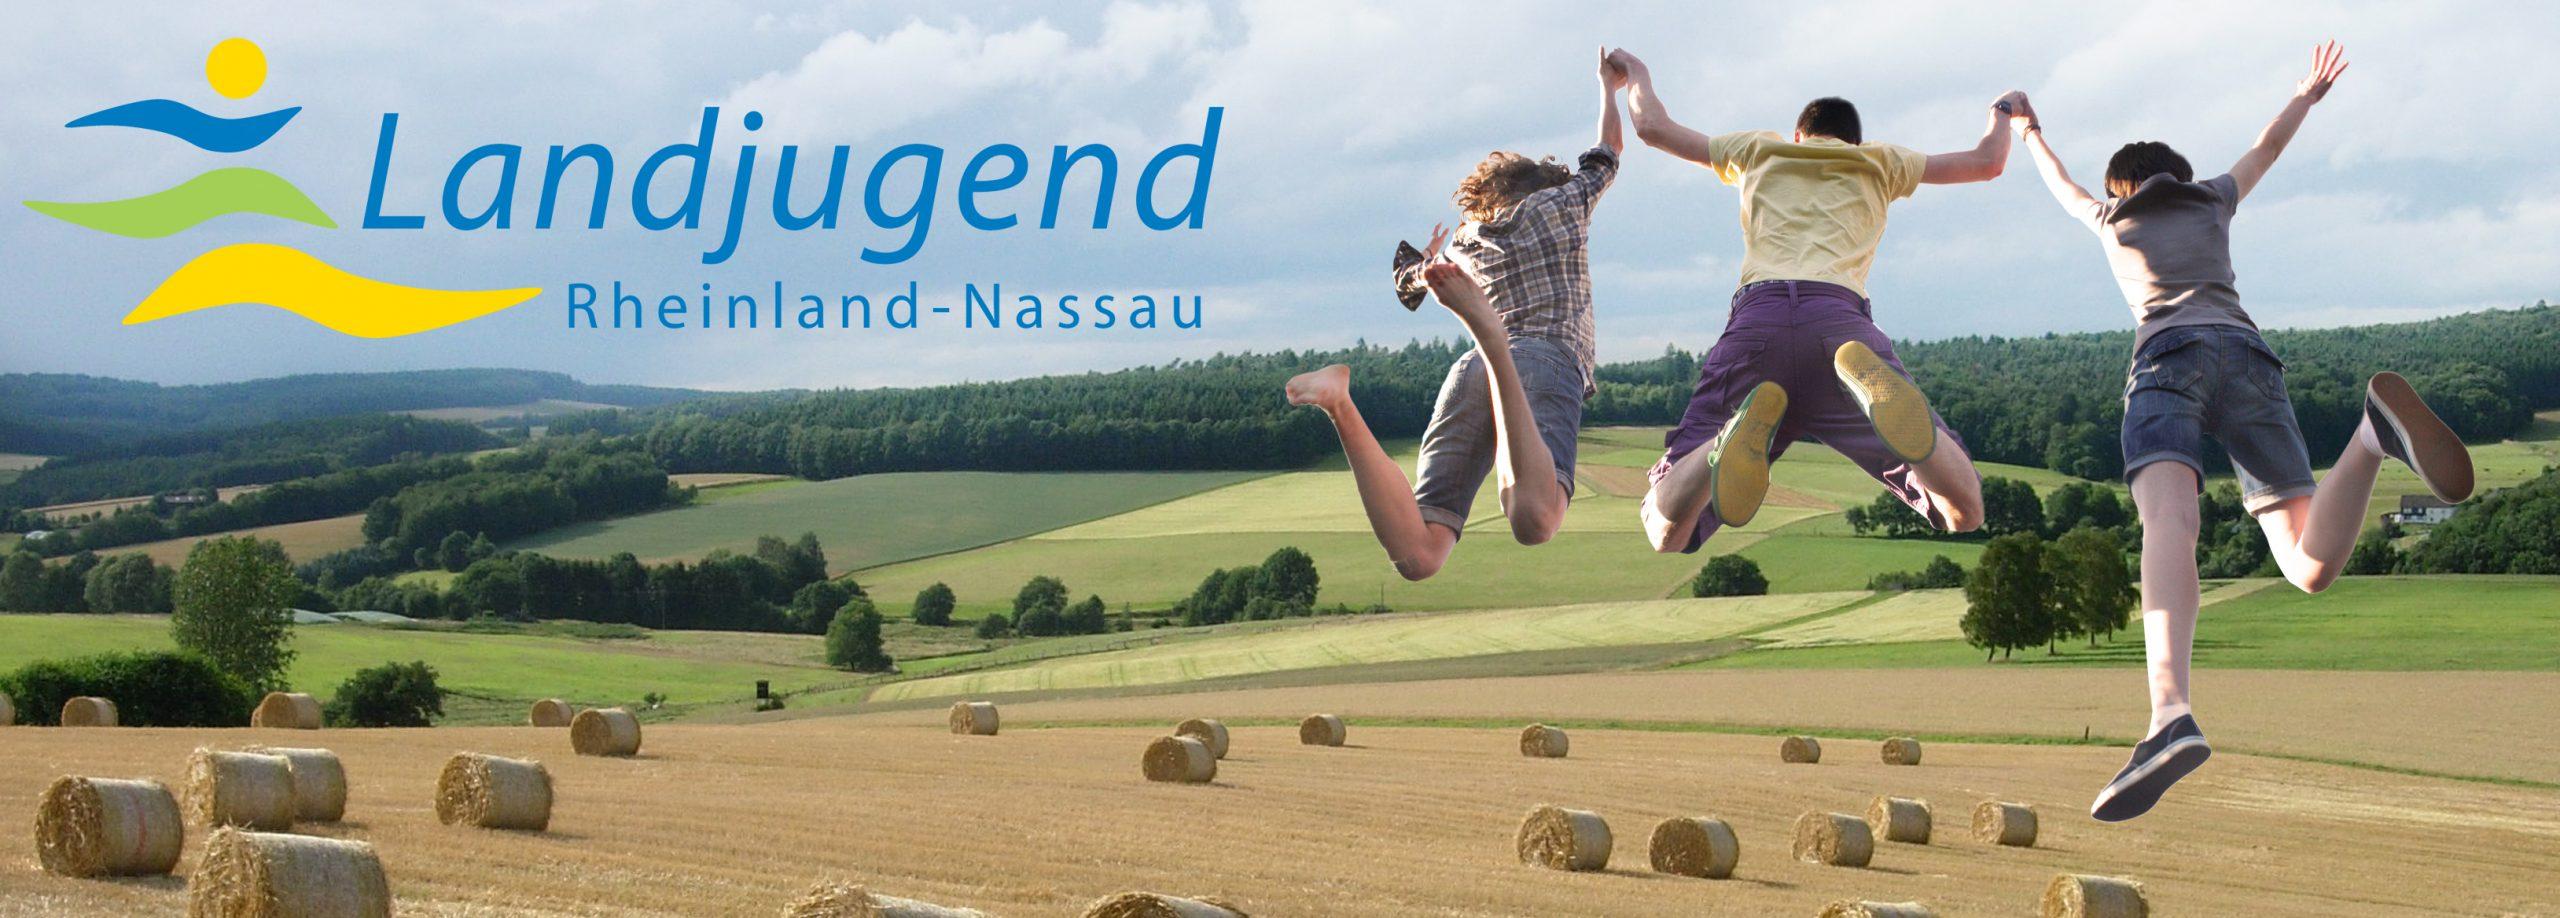 Landjugend Rheinland-Nassau